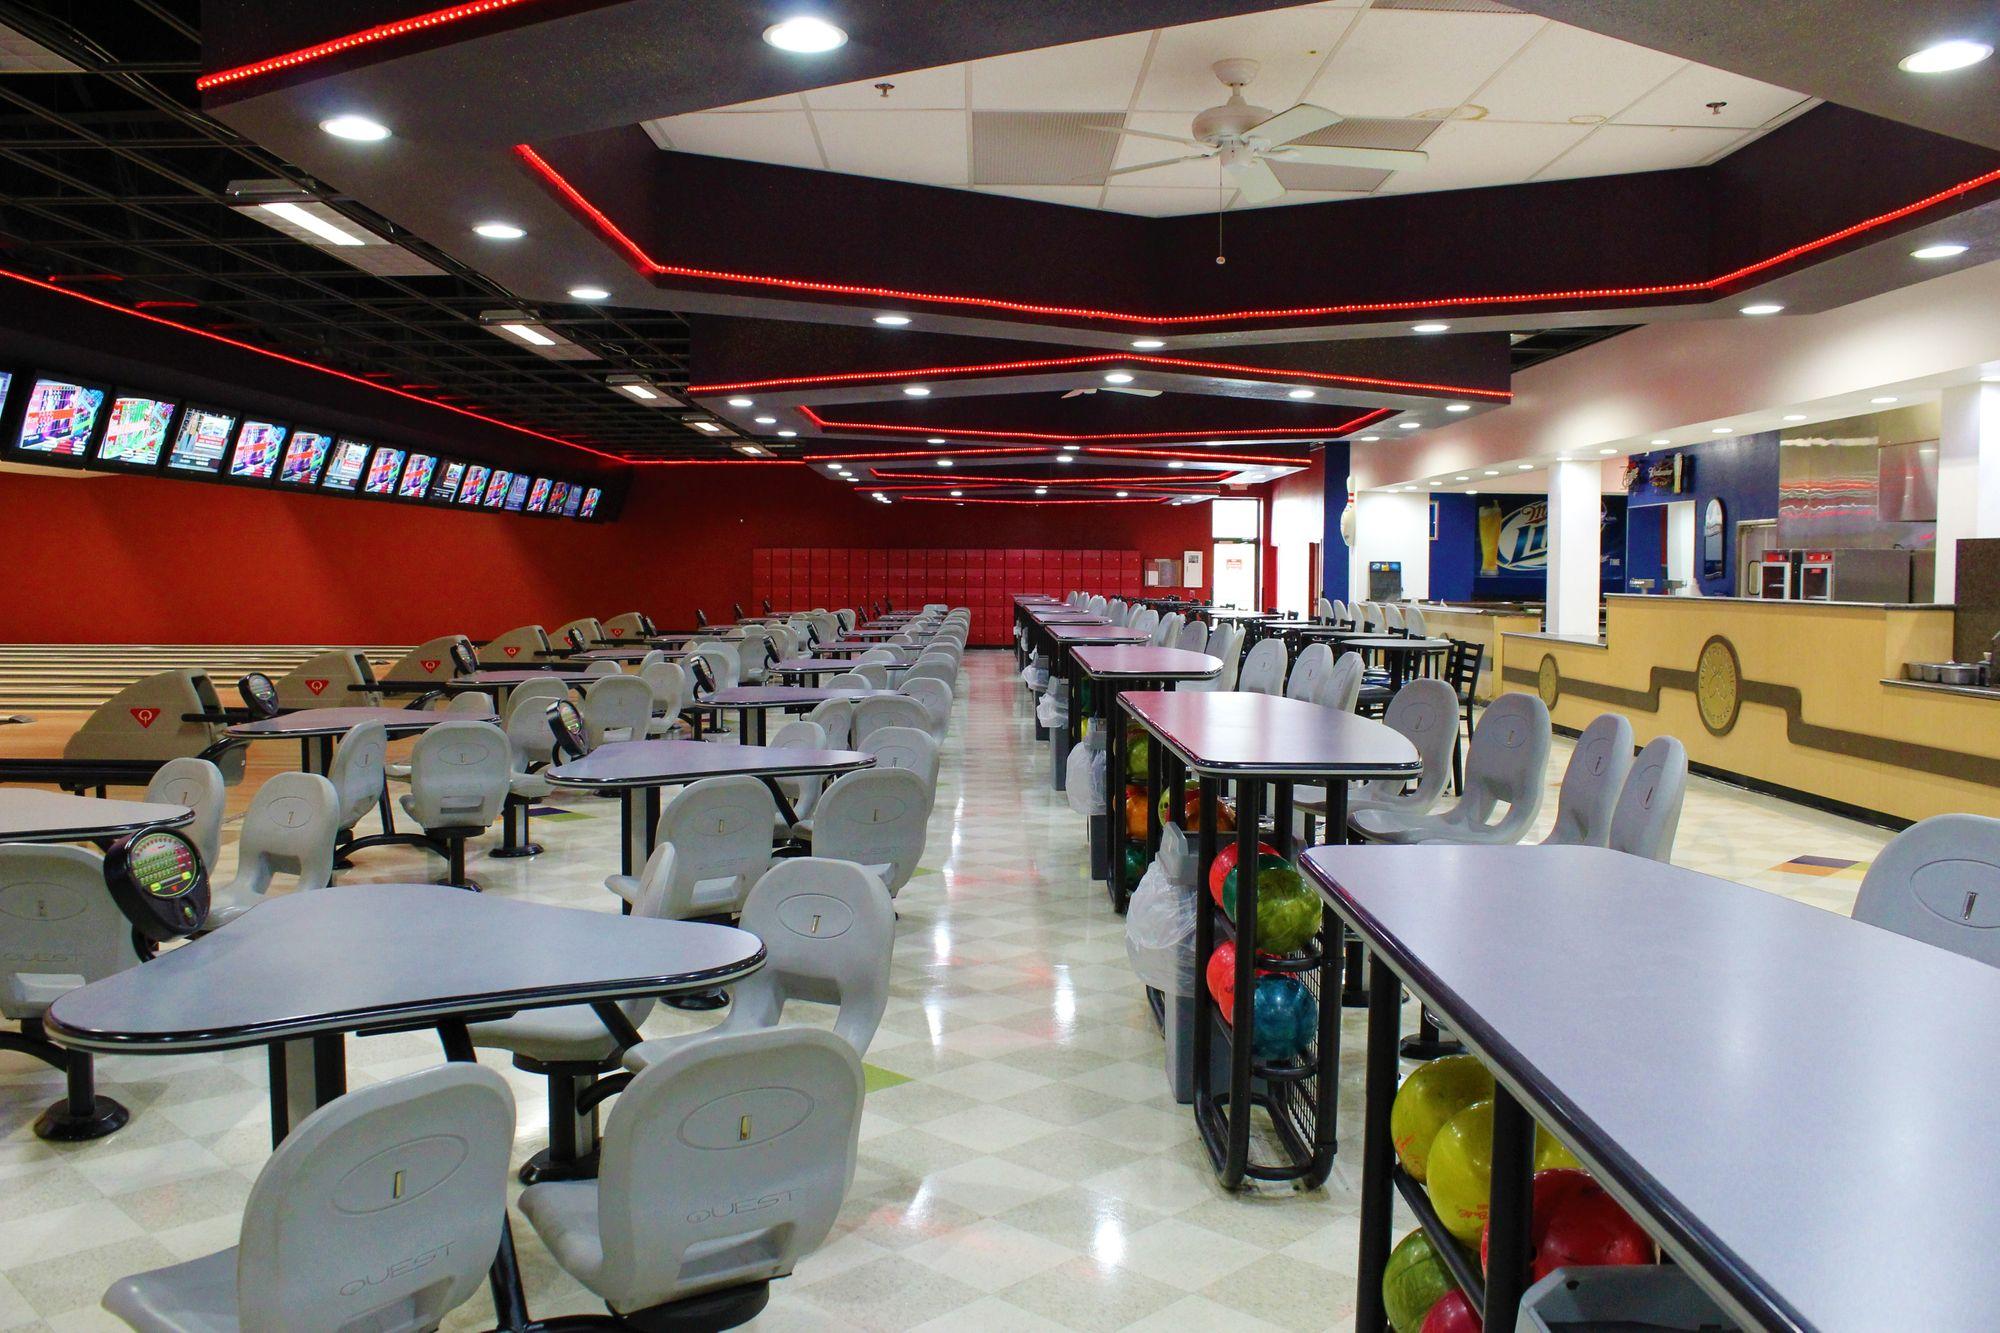 Bowling Lane Seating - Side View 1.jpeg